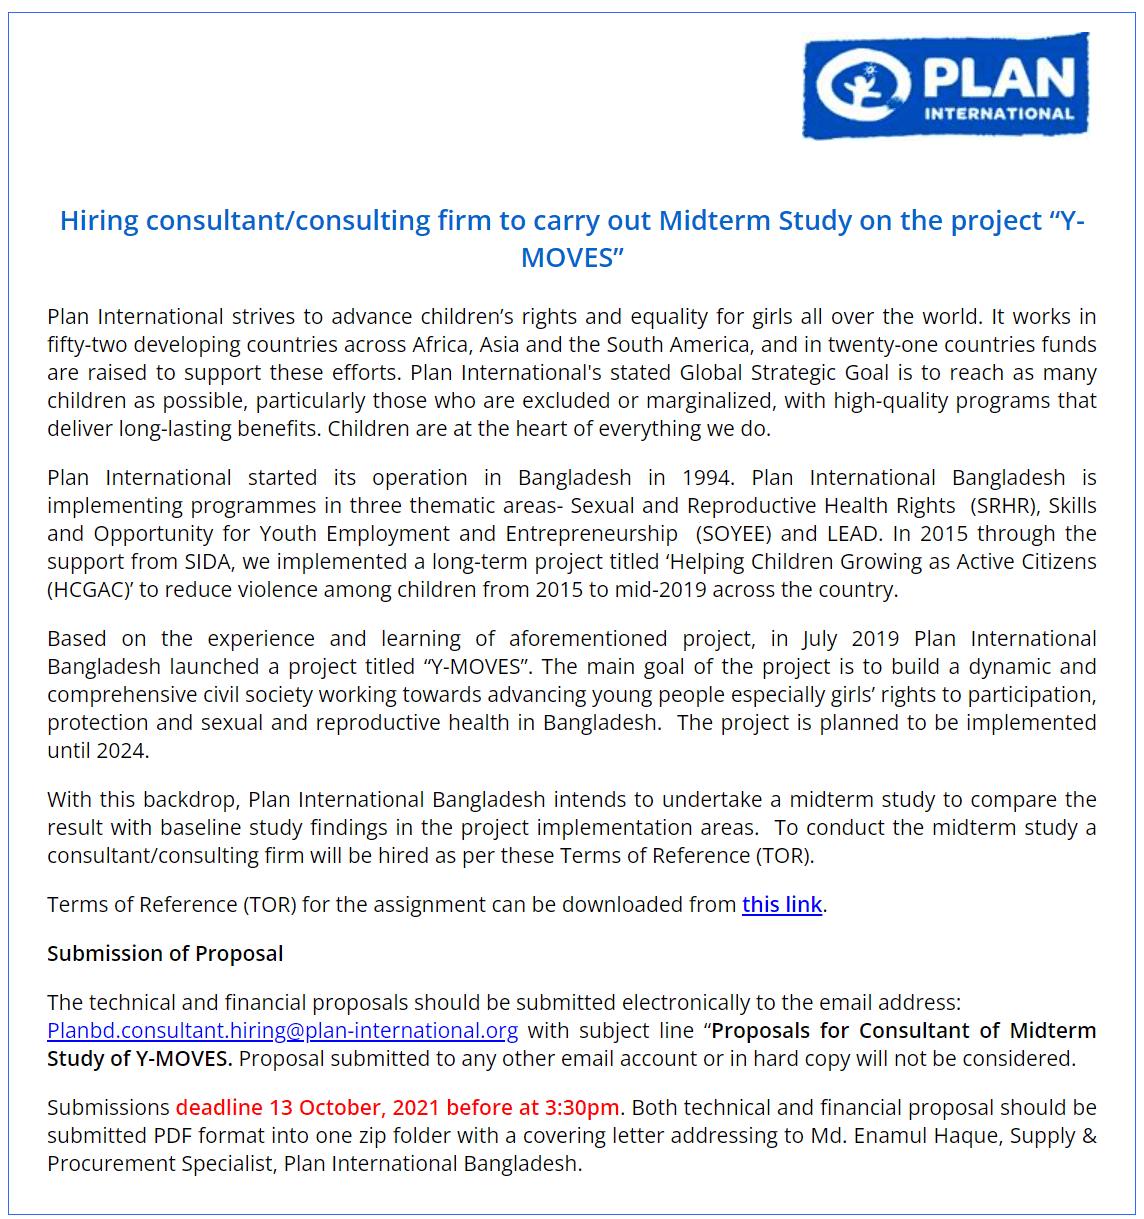 Plan International Bangladesh Job Circular image 2021 Apply